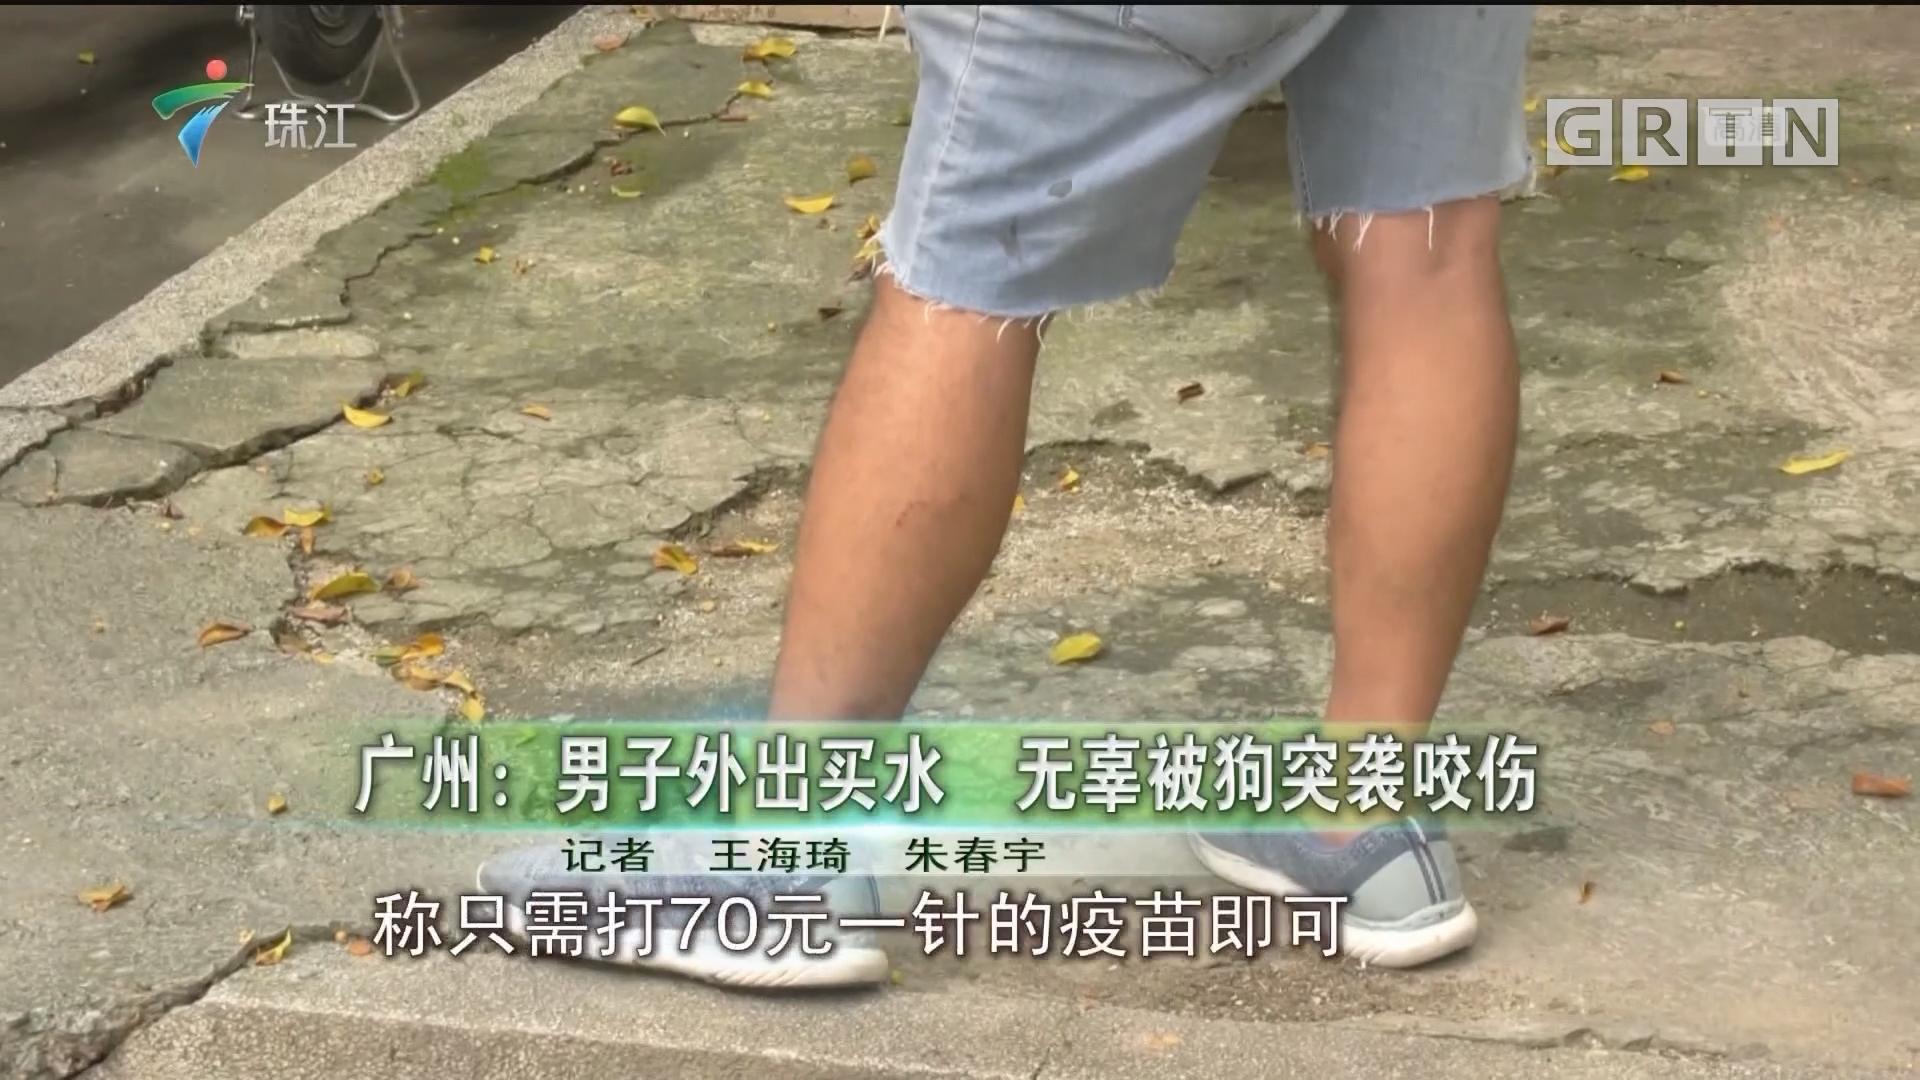 广州:男子外出买水 无辜被狗突袭咬伤